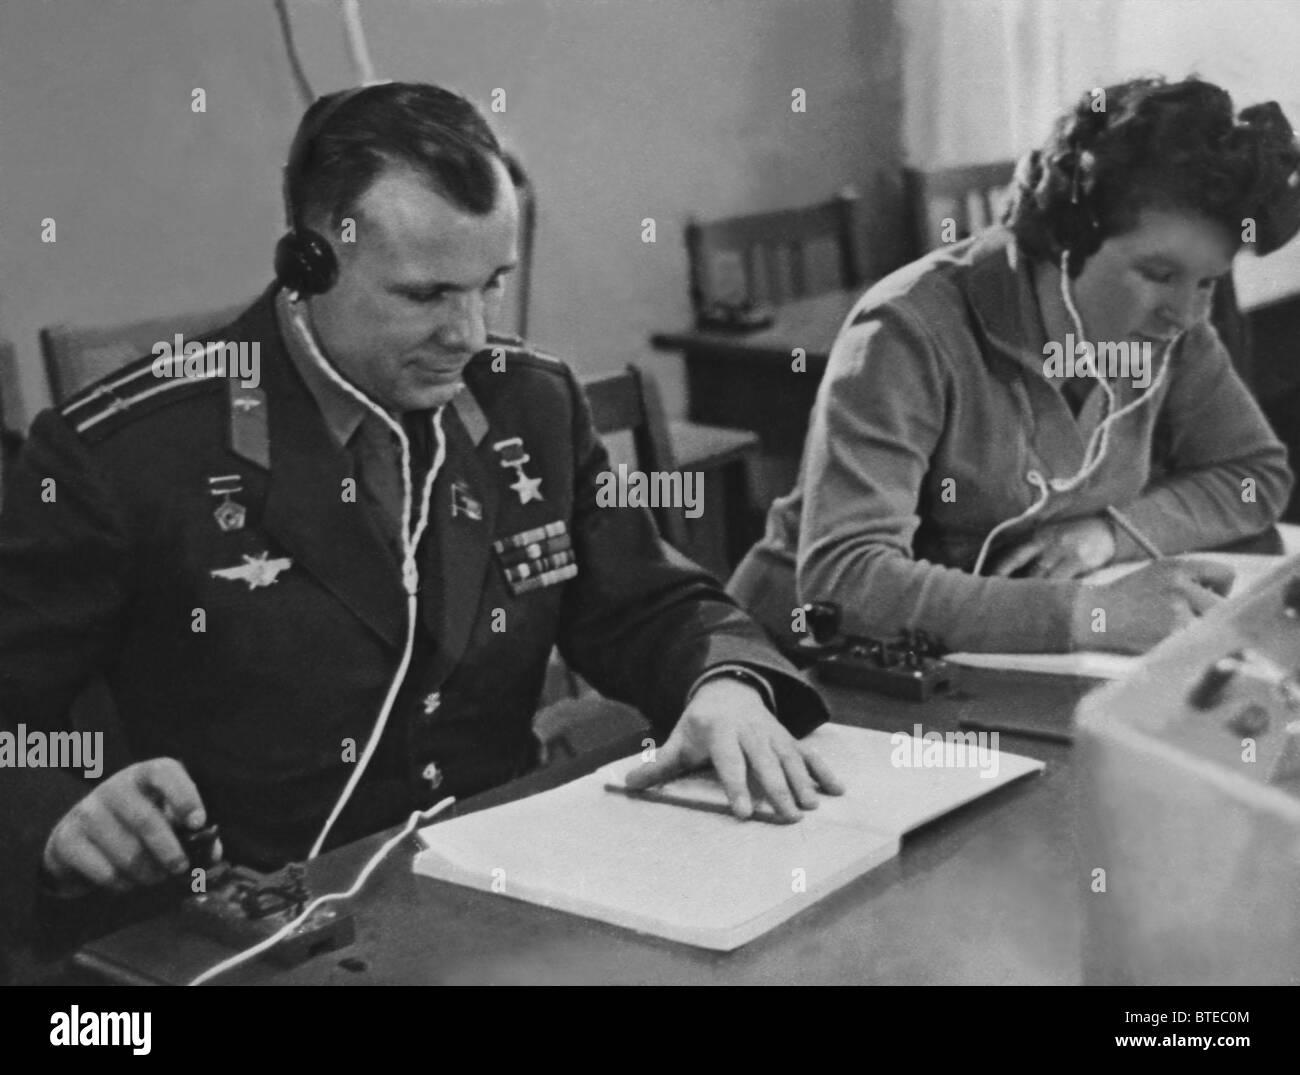 Valentina Tereshkova and Yuri Gagarin at lessons, 1963 - Stock Image